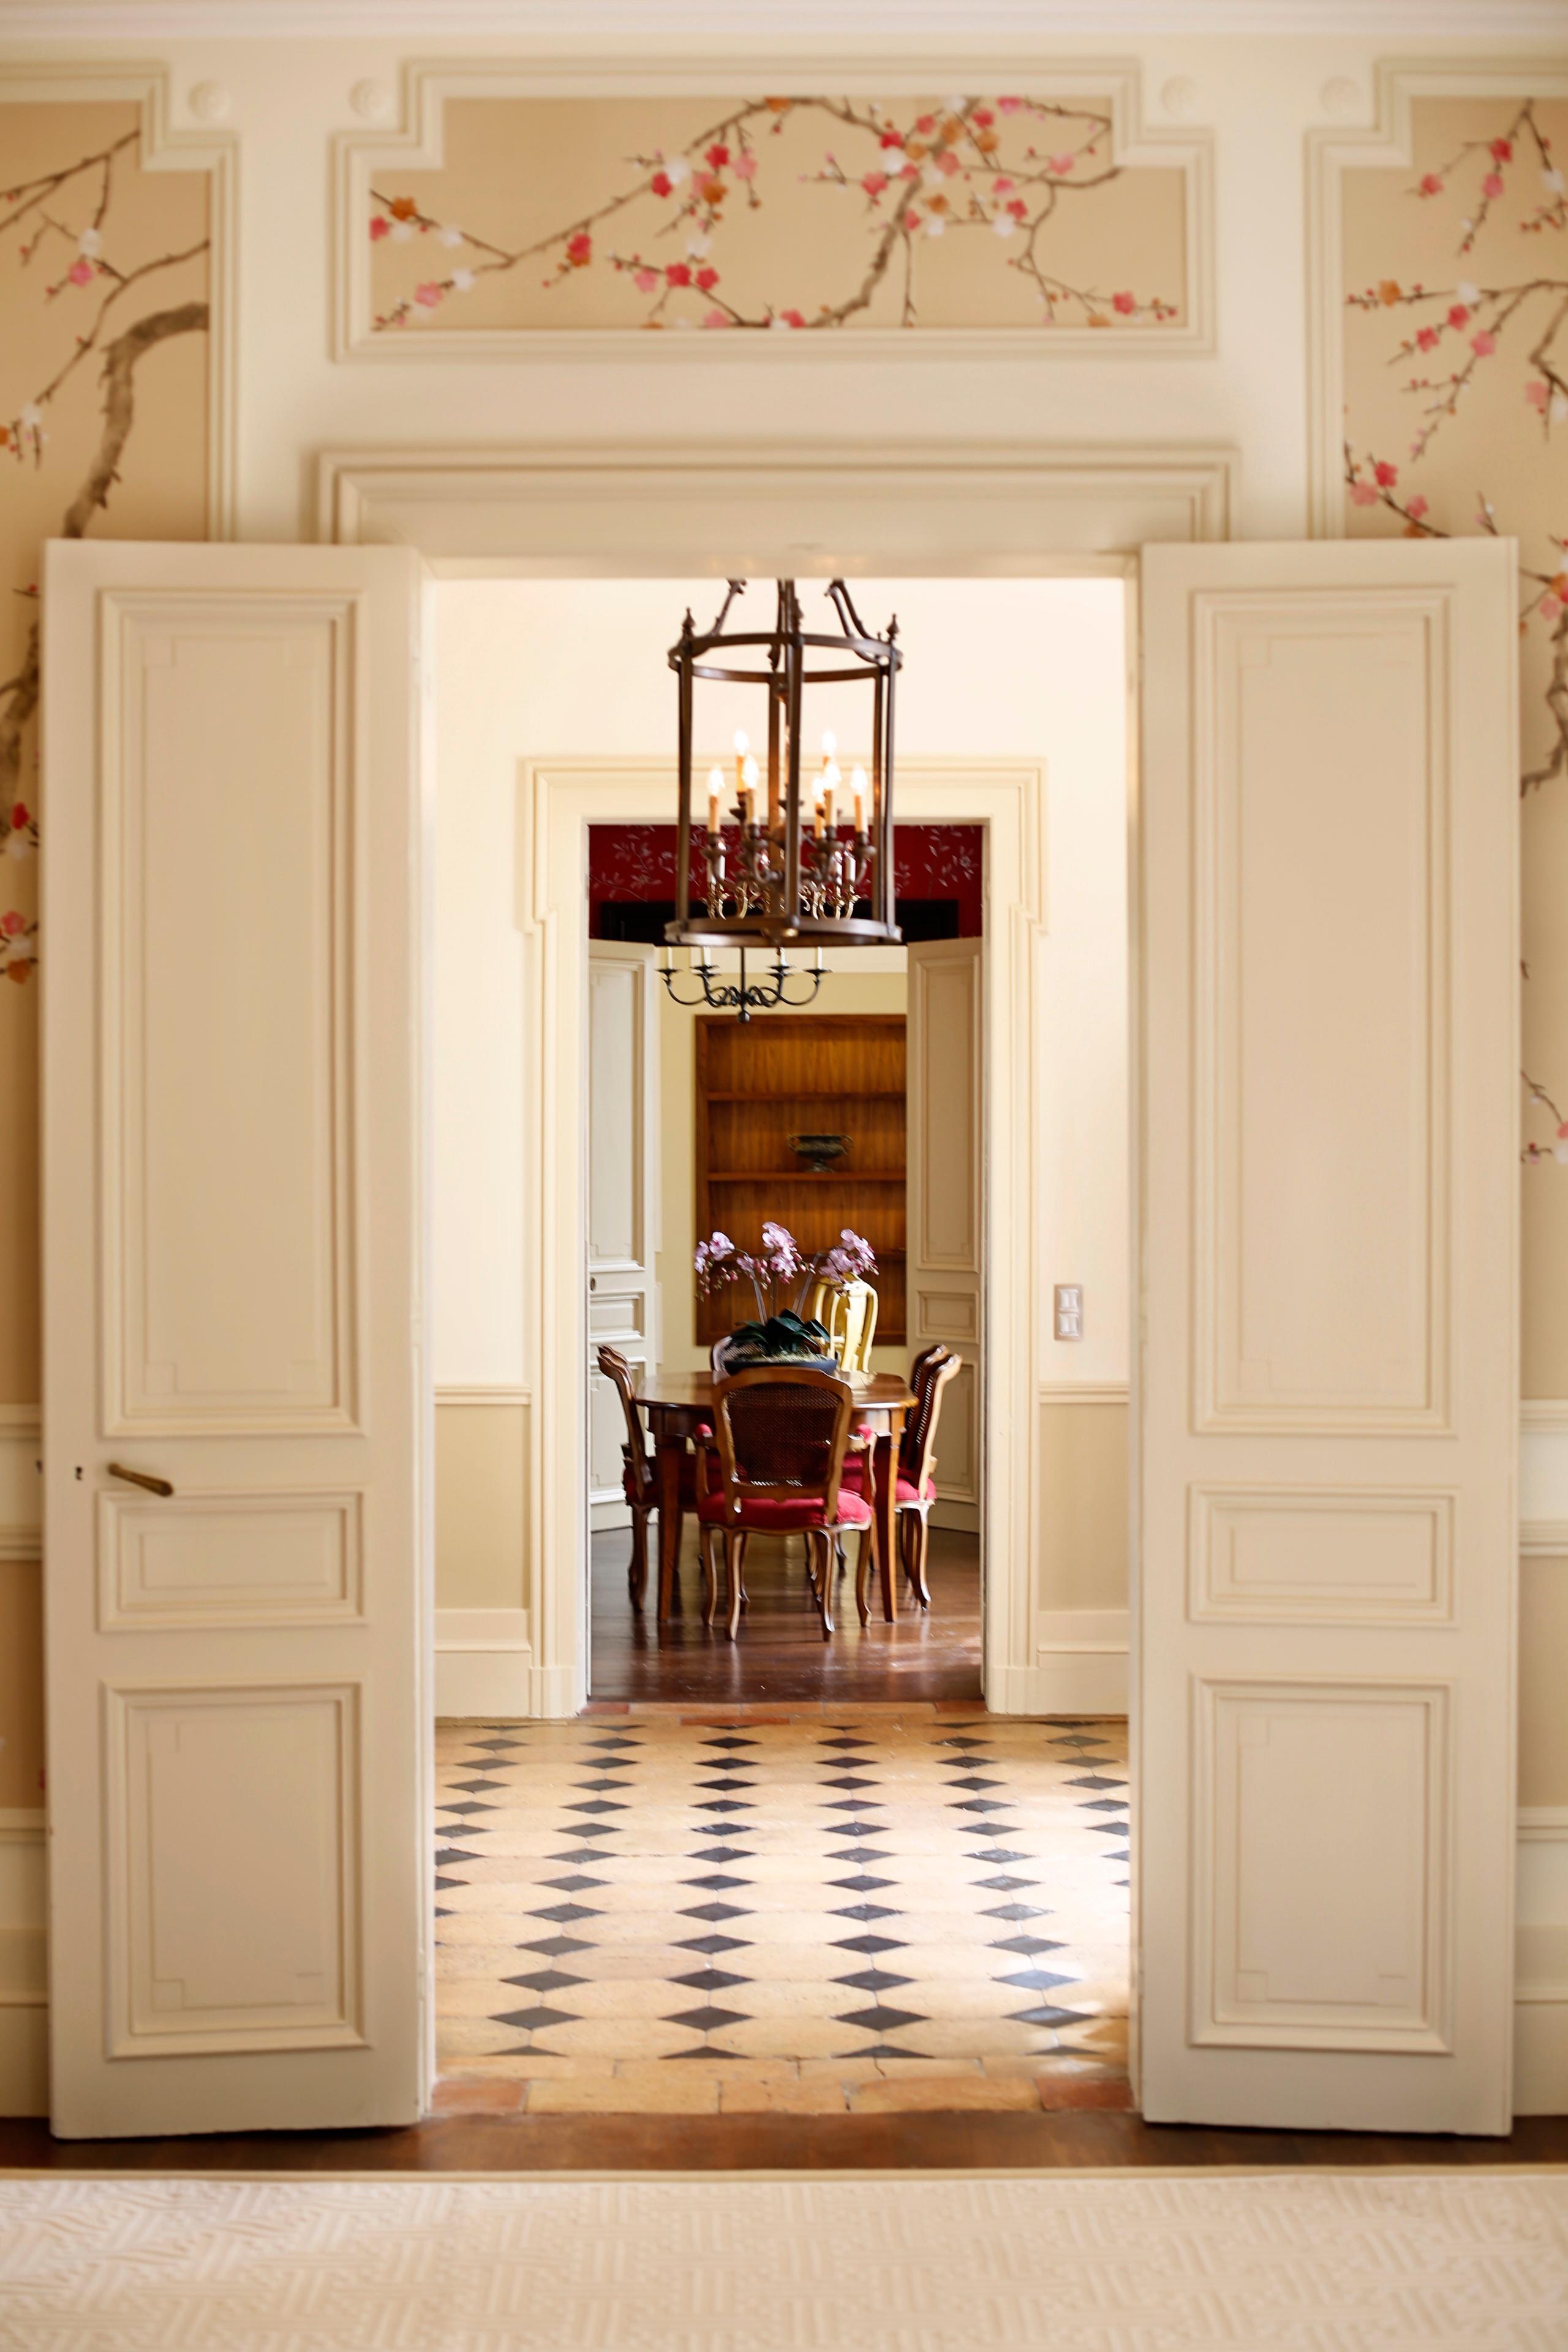 Neagle Esstisch | Sadirac, Frankreich #vintage #landhausstil #luxus  #französischerlandhausstil ©Oficina